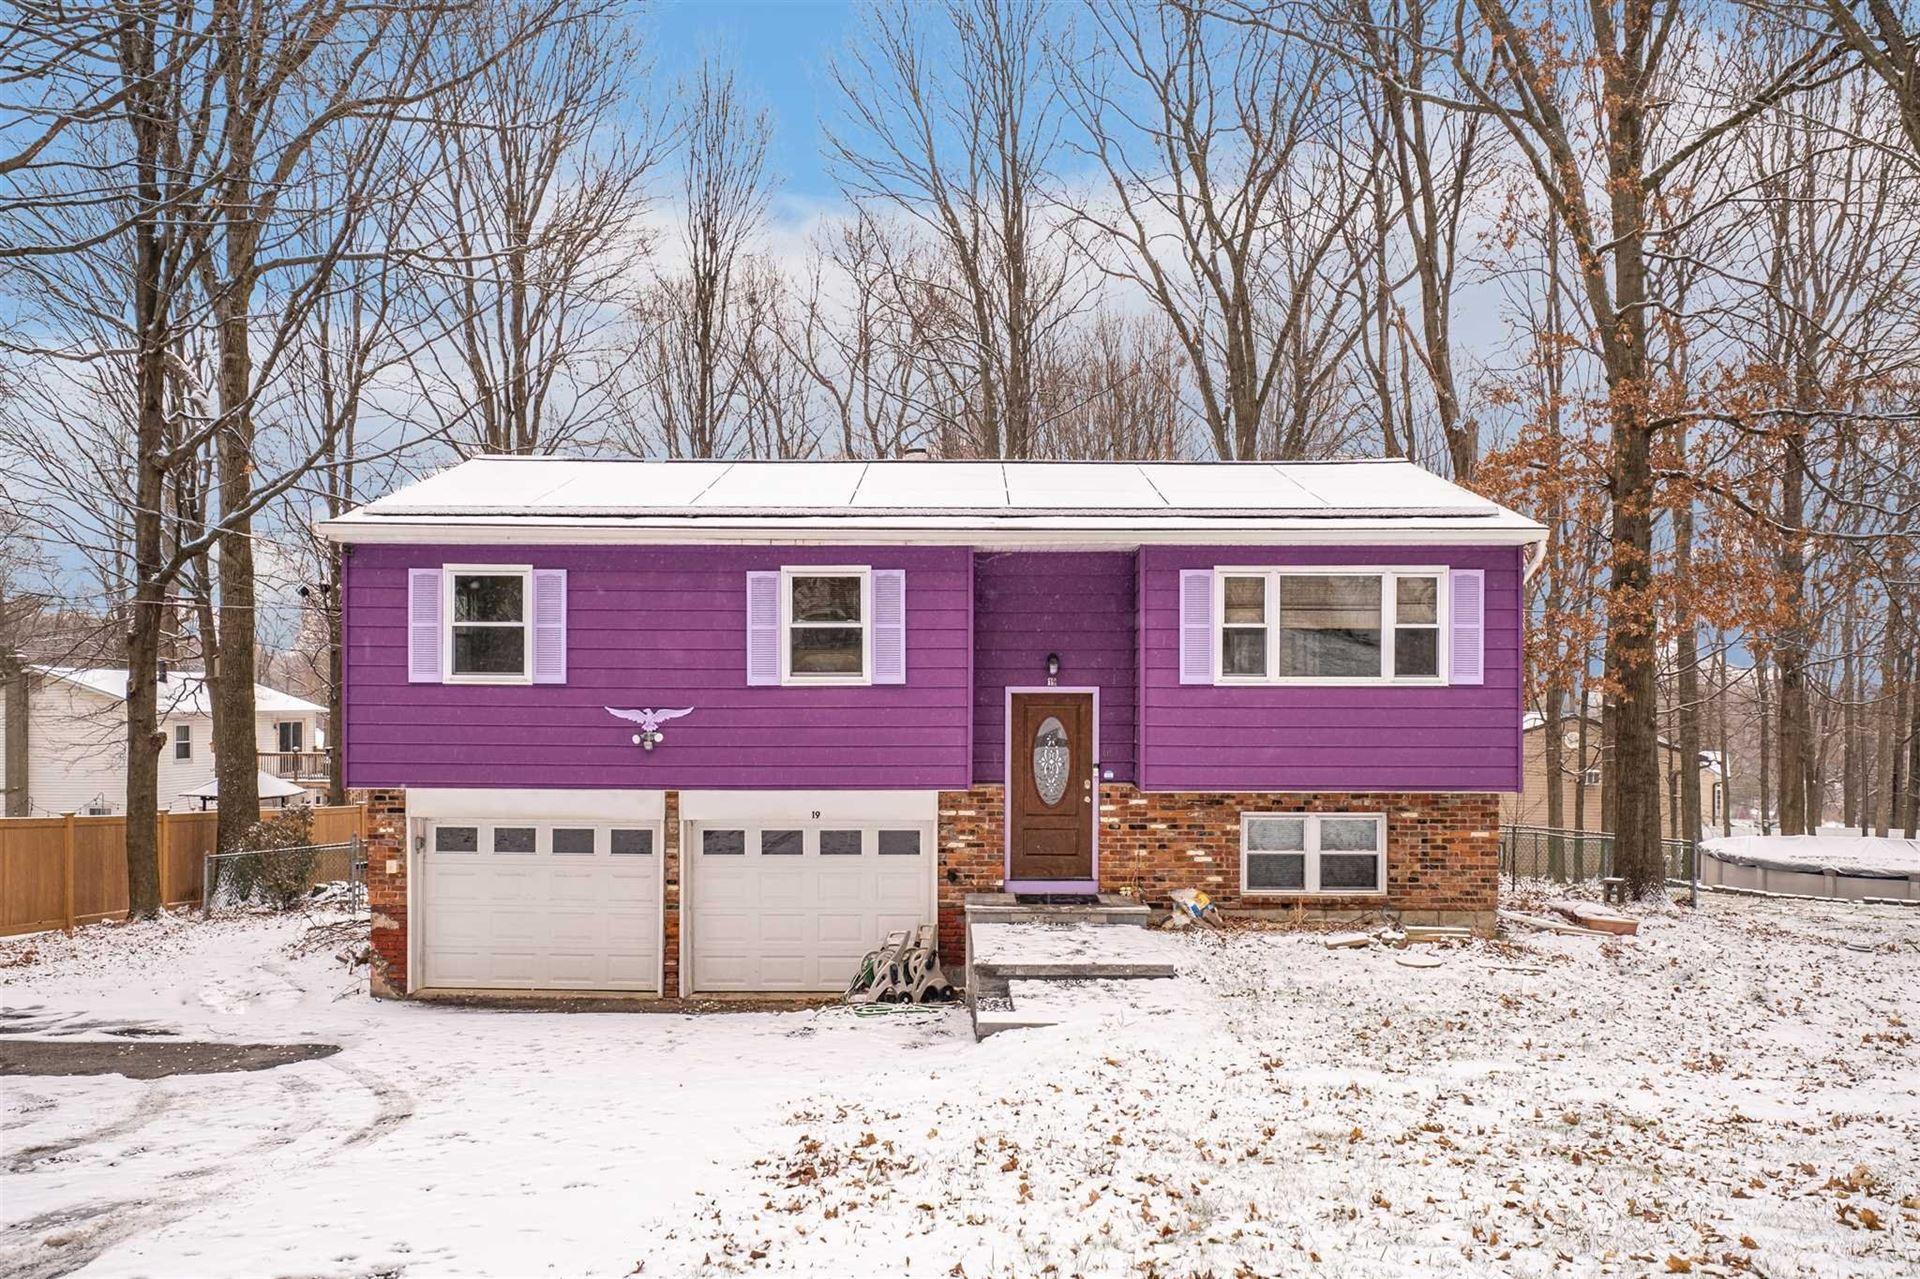 19 WILLOW RD, Fishkill, NY 12508 - #: 397981